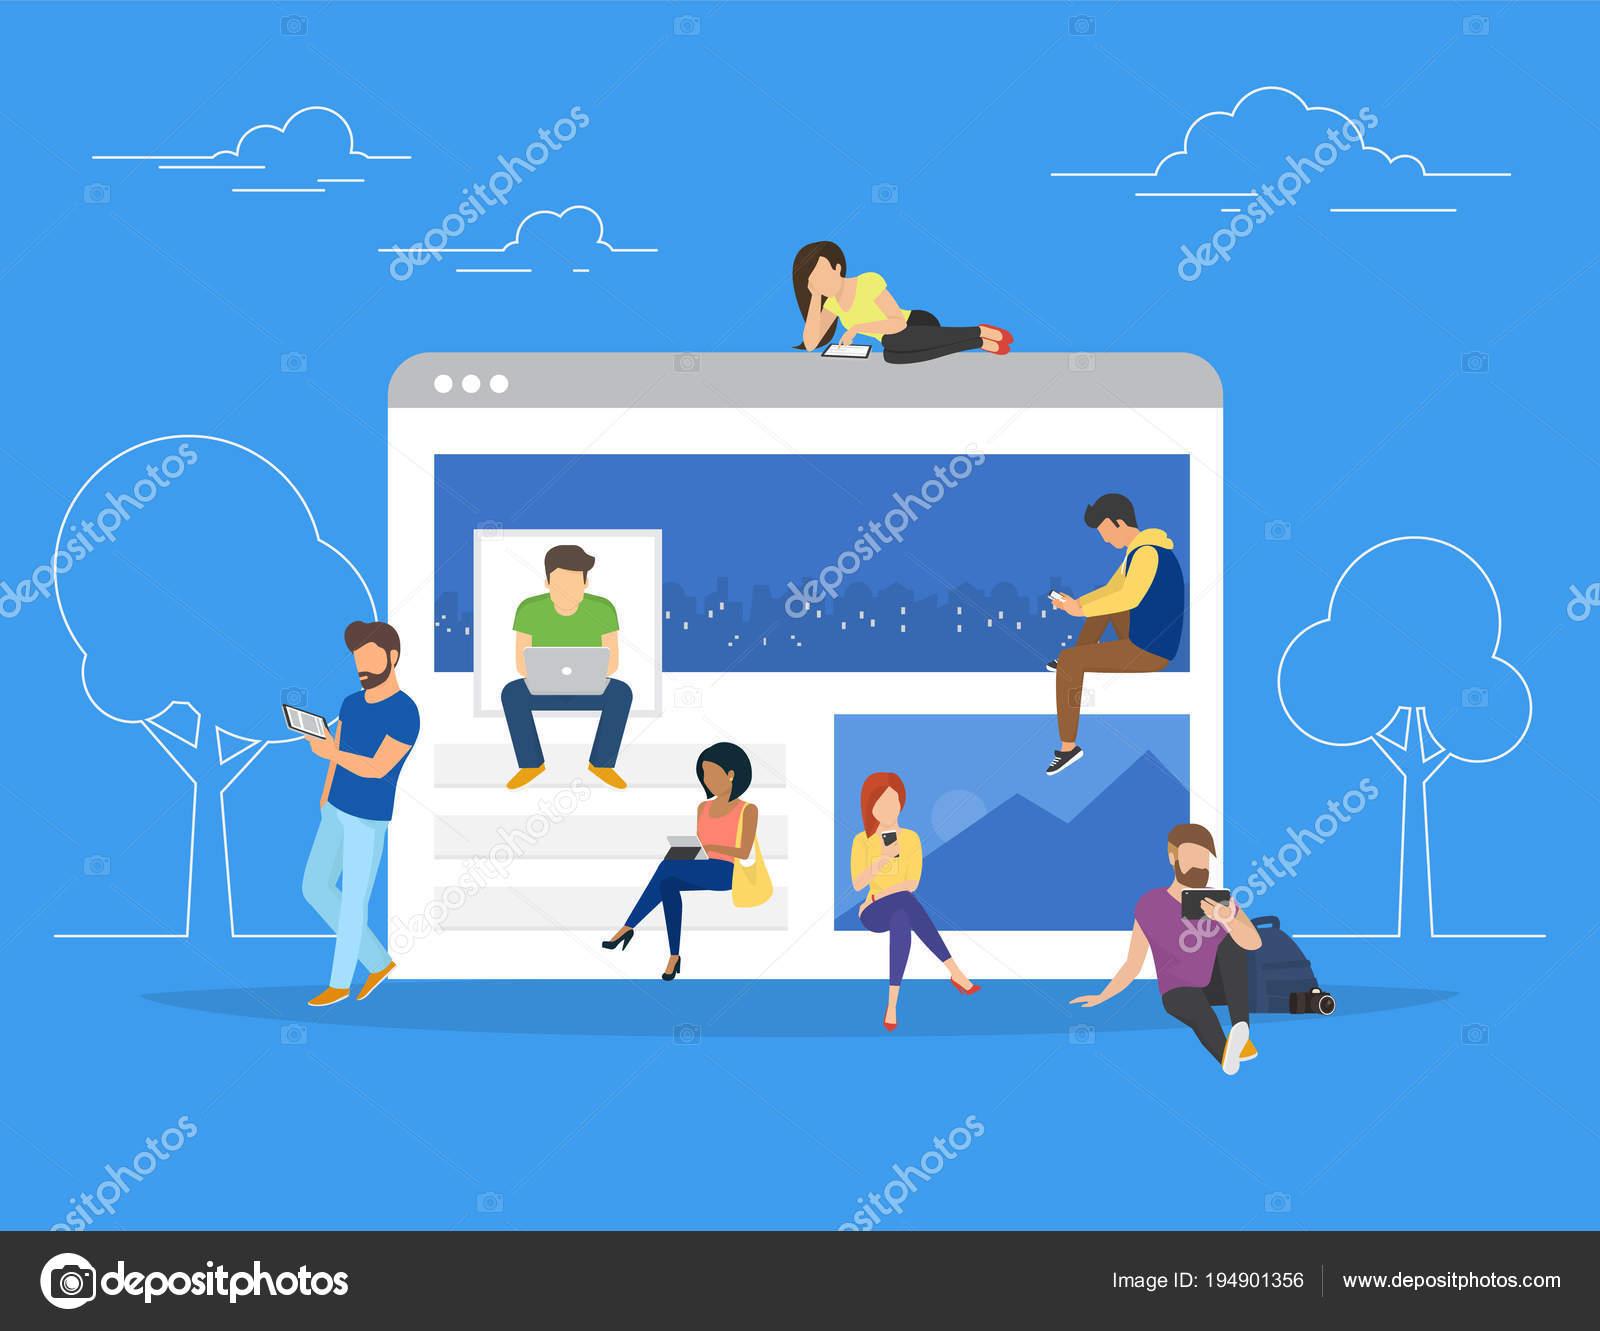 若者 Usi のネットワーク Web ページの概念ベクトル イラスト ストック